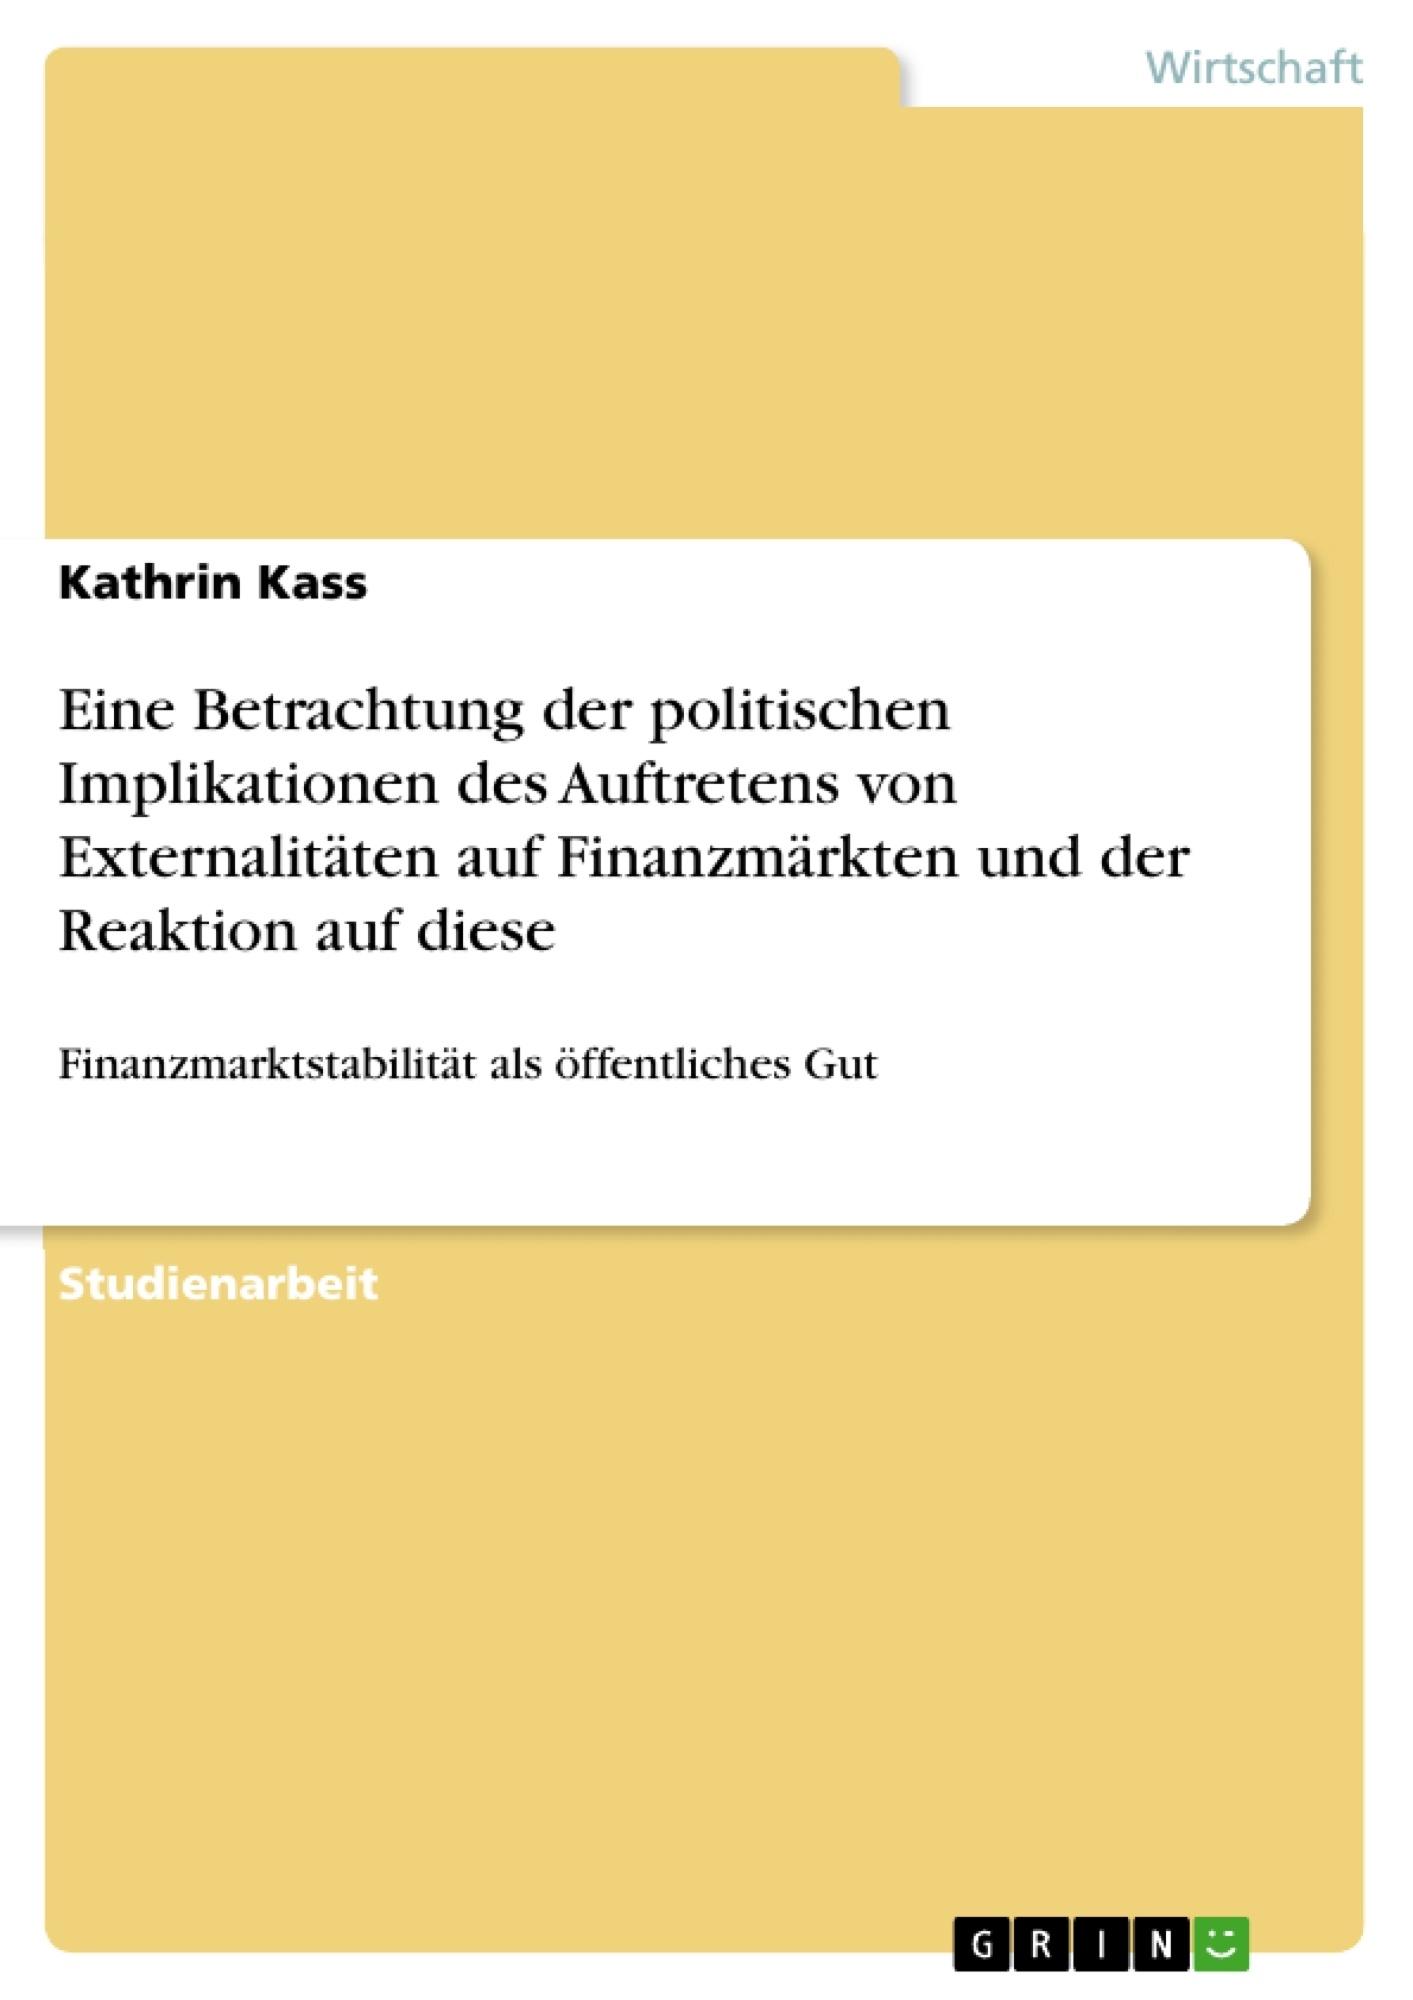 Titel: Eine Betrachtung der politischen Implikationen des Auftretens von Externalitäten auf Finanzmärkten und der Reaktion auf diese